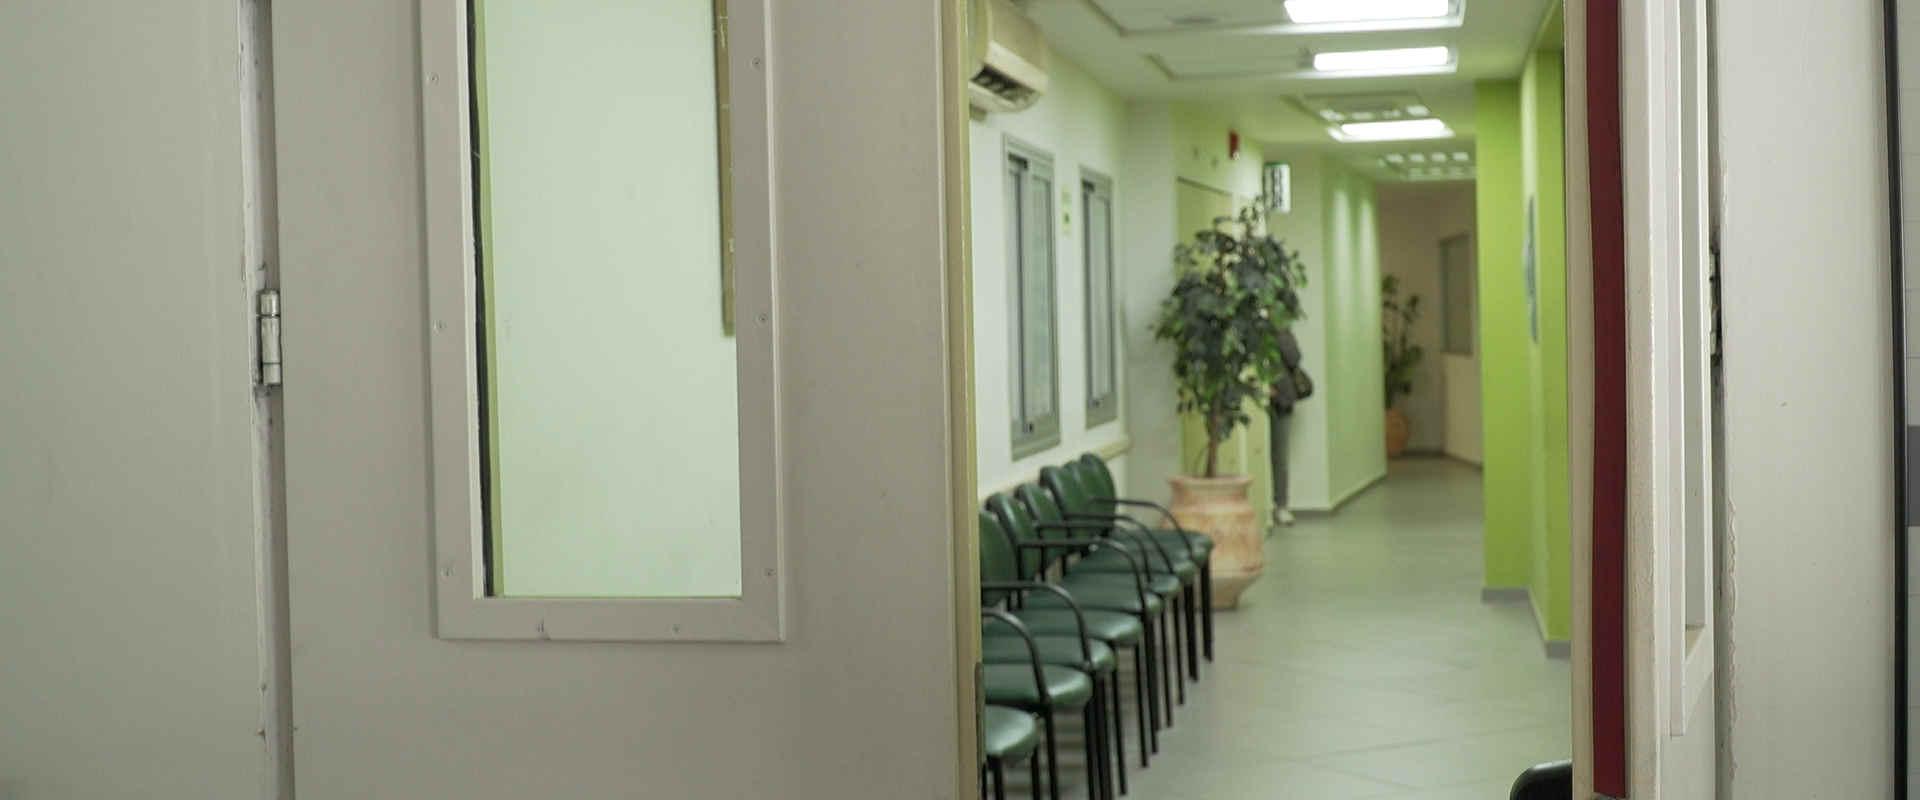 סניף של קופת חולים מאוחדת. צילום: קובי גדעון, פלאש